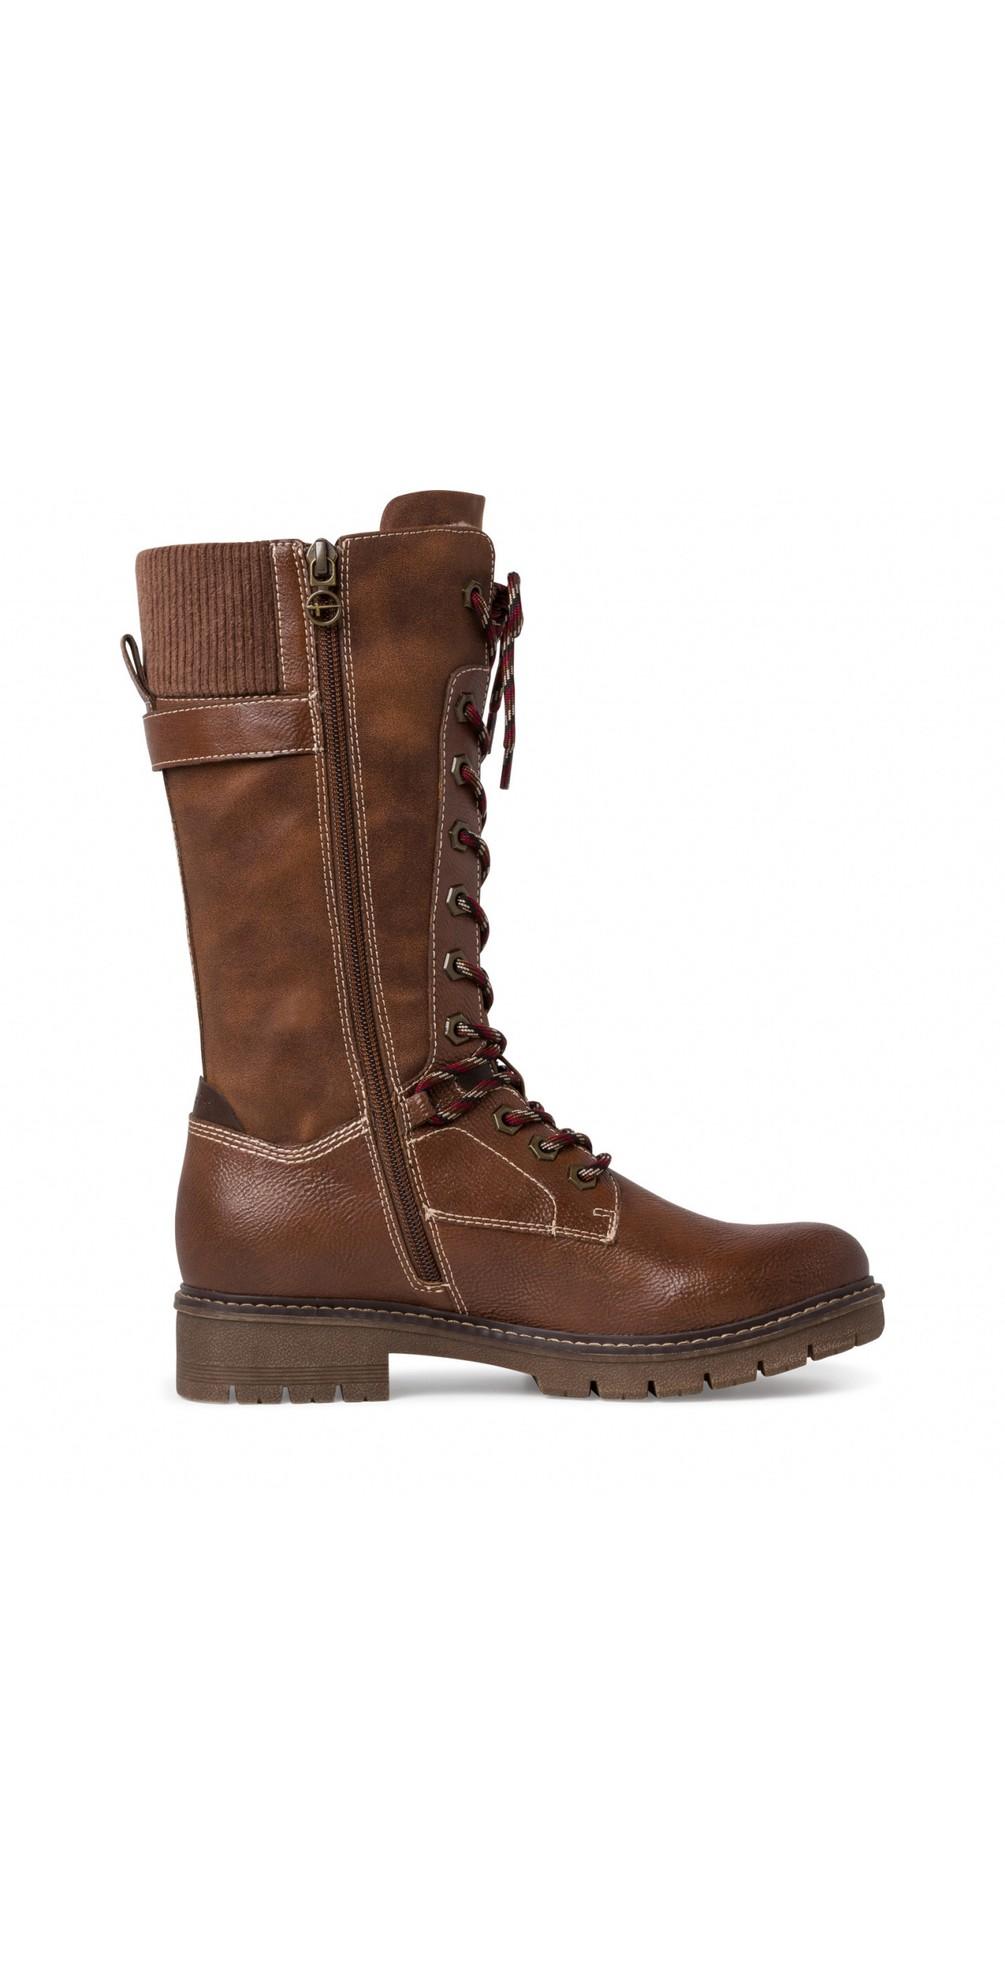 Vina Tall Hiker boot main image